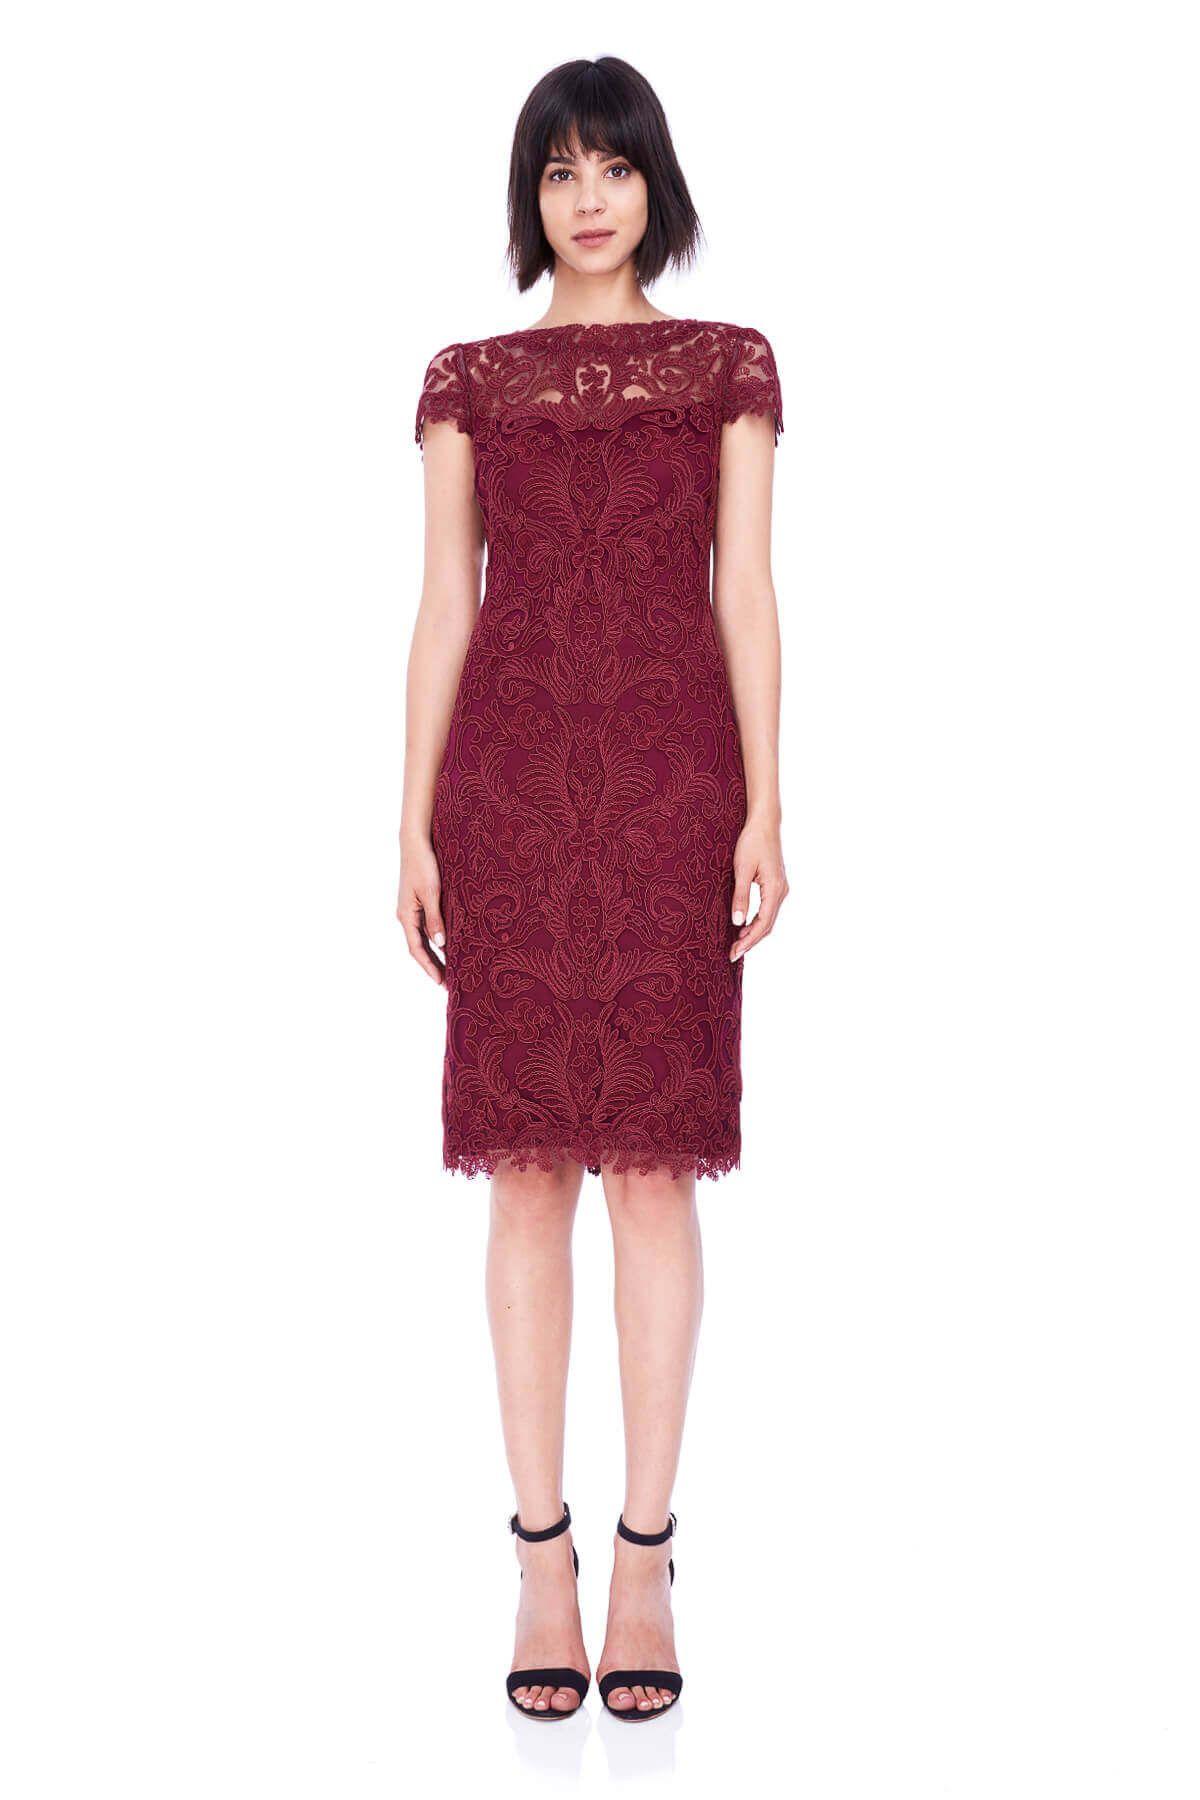 5191117b53 Krótka koronkowa sukienka wizytowa Tadashi Shoji Podszewka  100% poliester  Struktura rodzaj materiału koronka Rodzaj dekoltu  pod szyję Wzór koronka  na ...